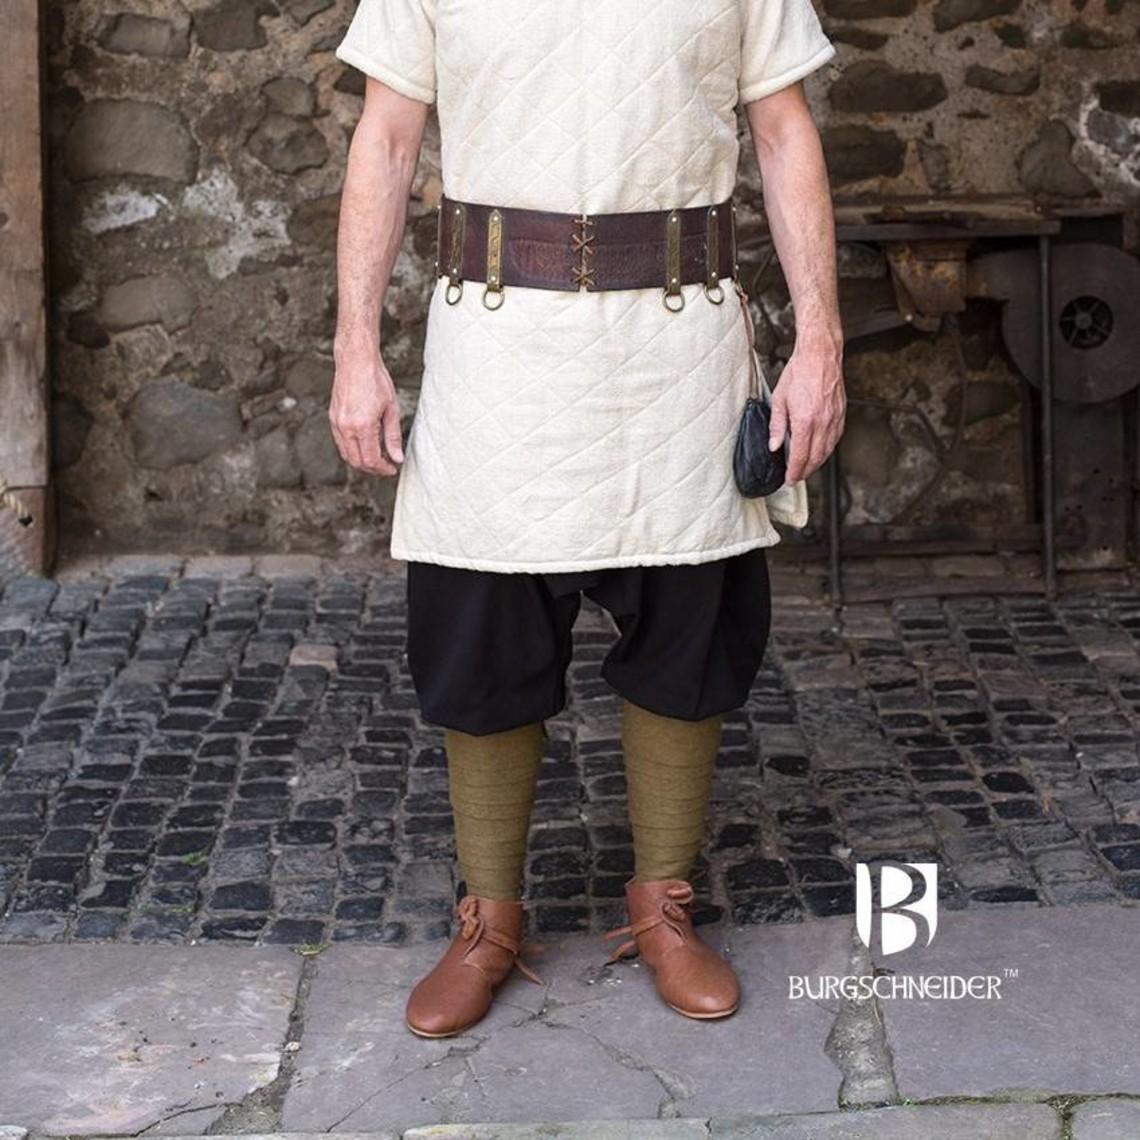 Burgschneider Rusvik Hose Kiewer, schwarz